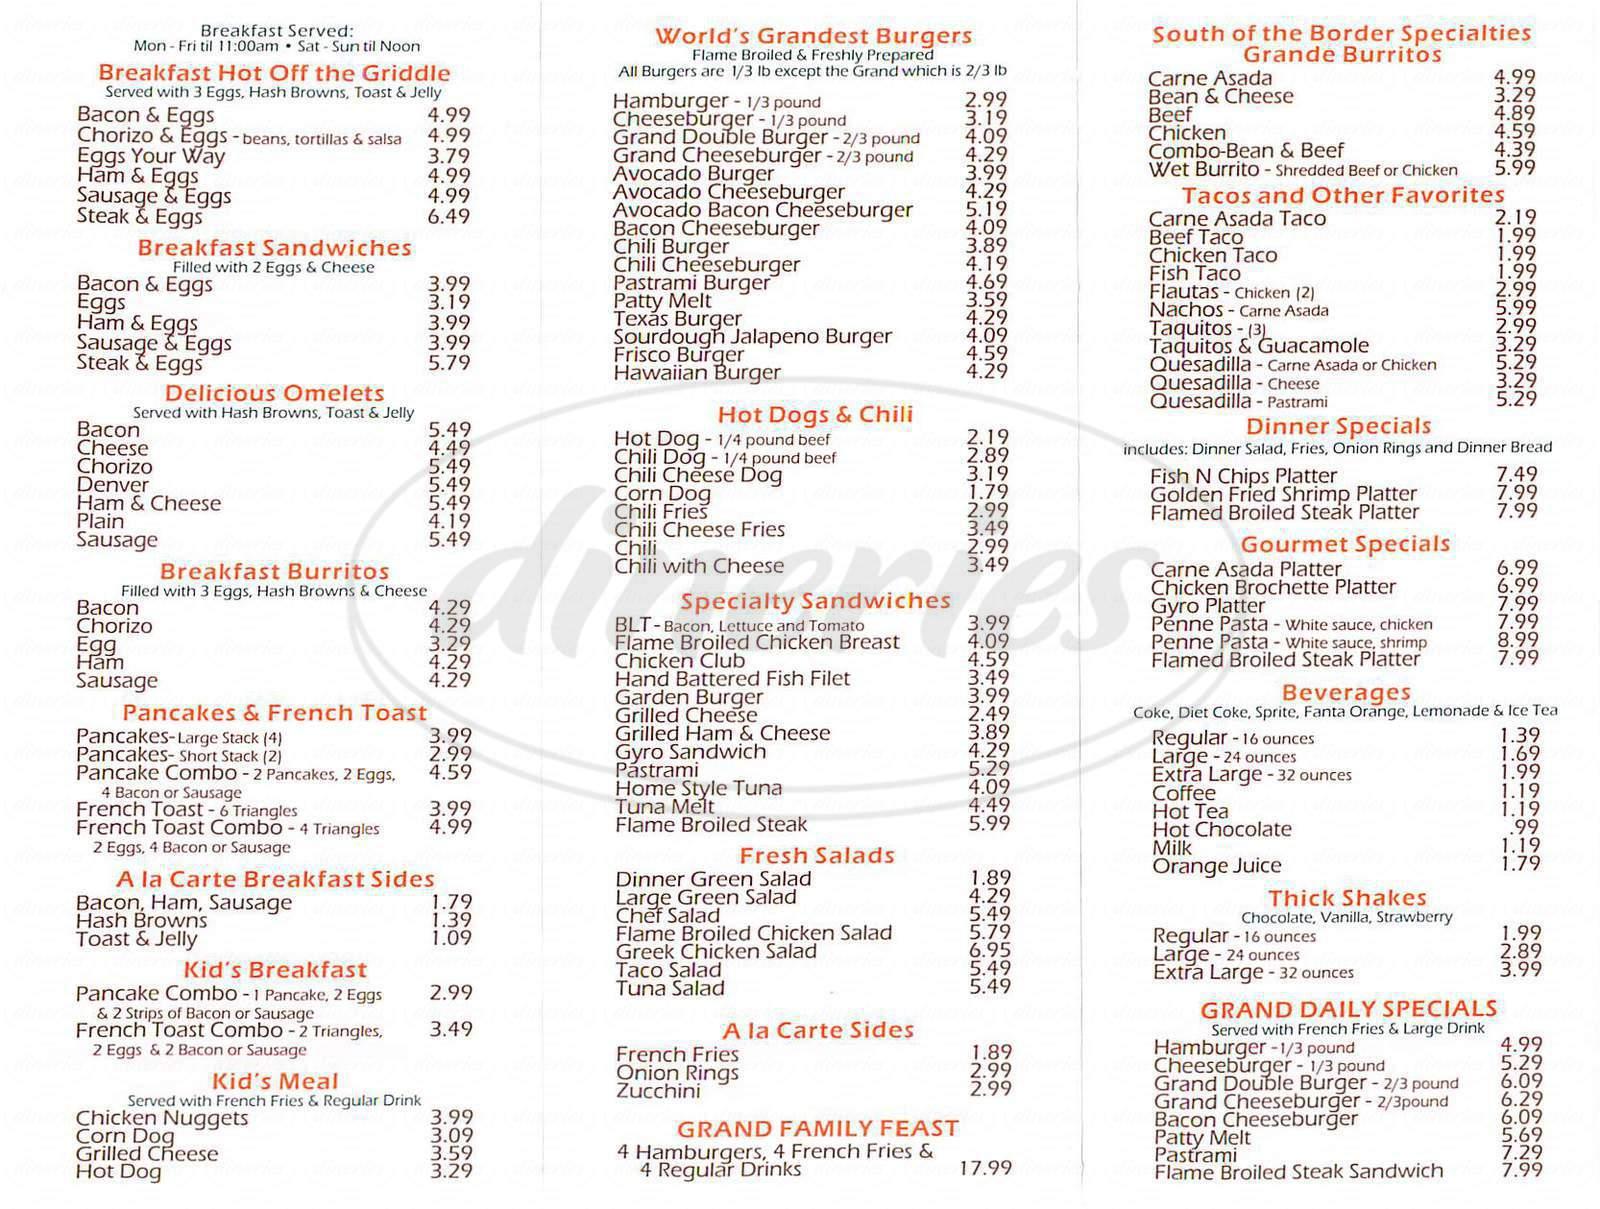 menu for Grand Burgers